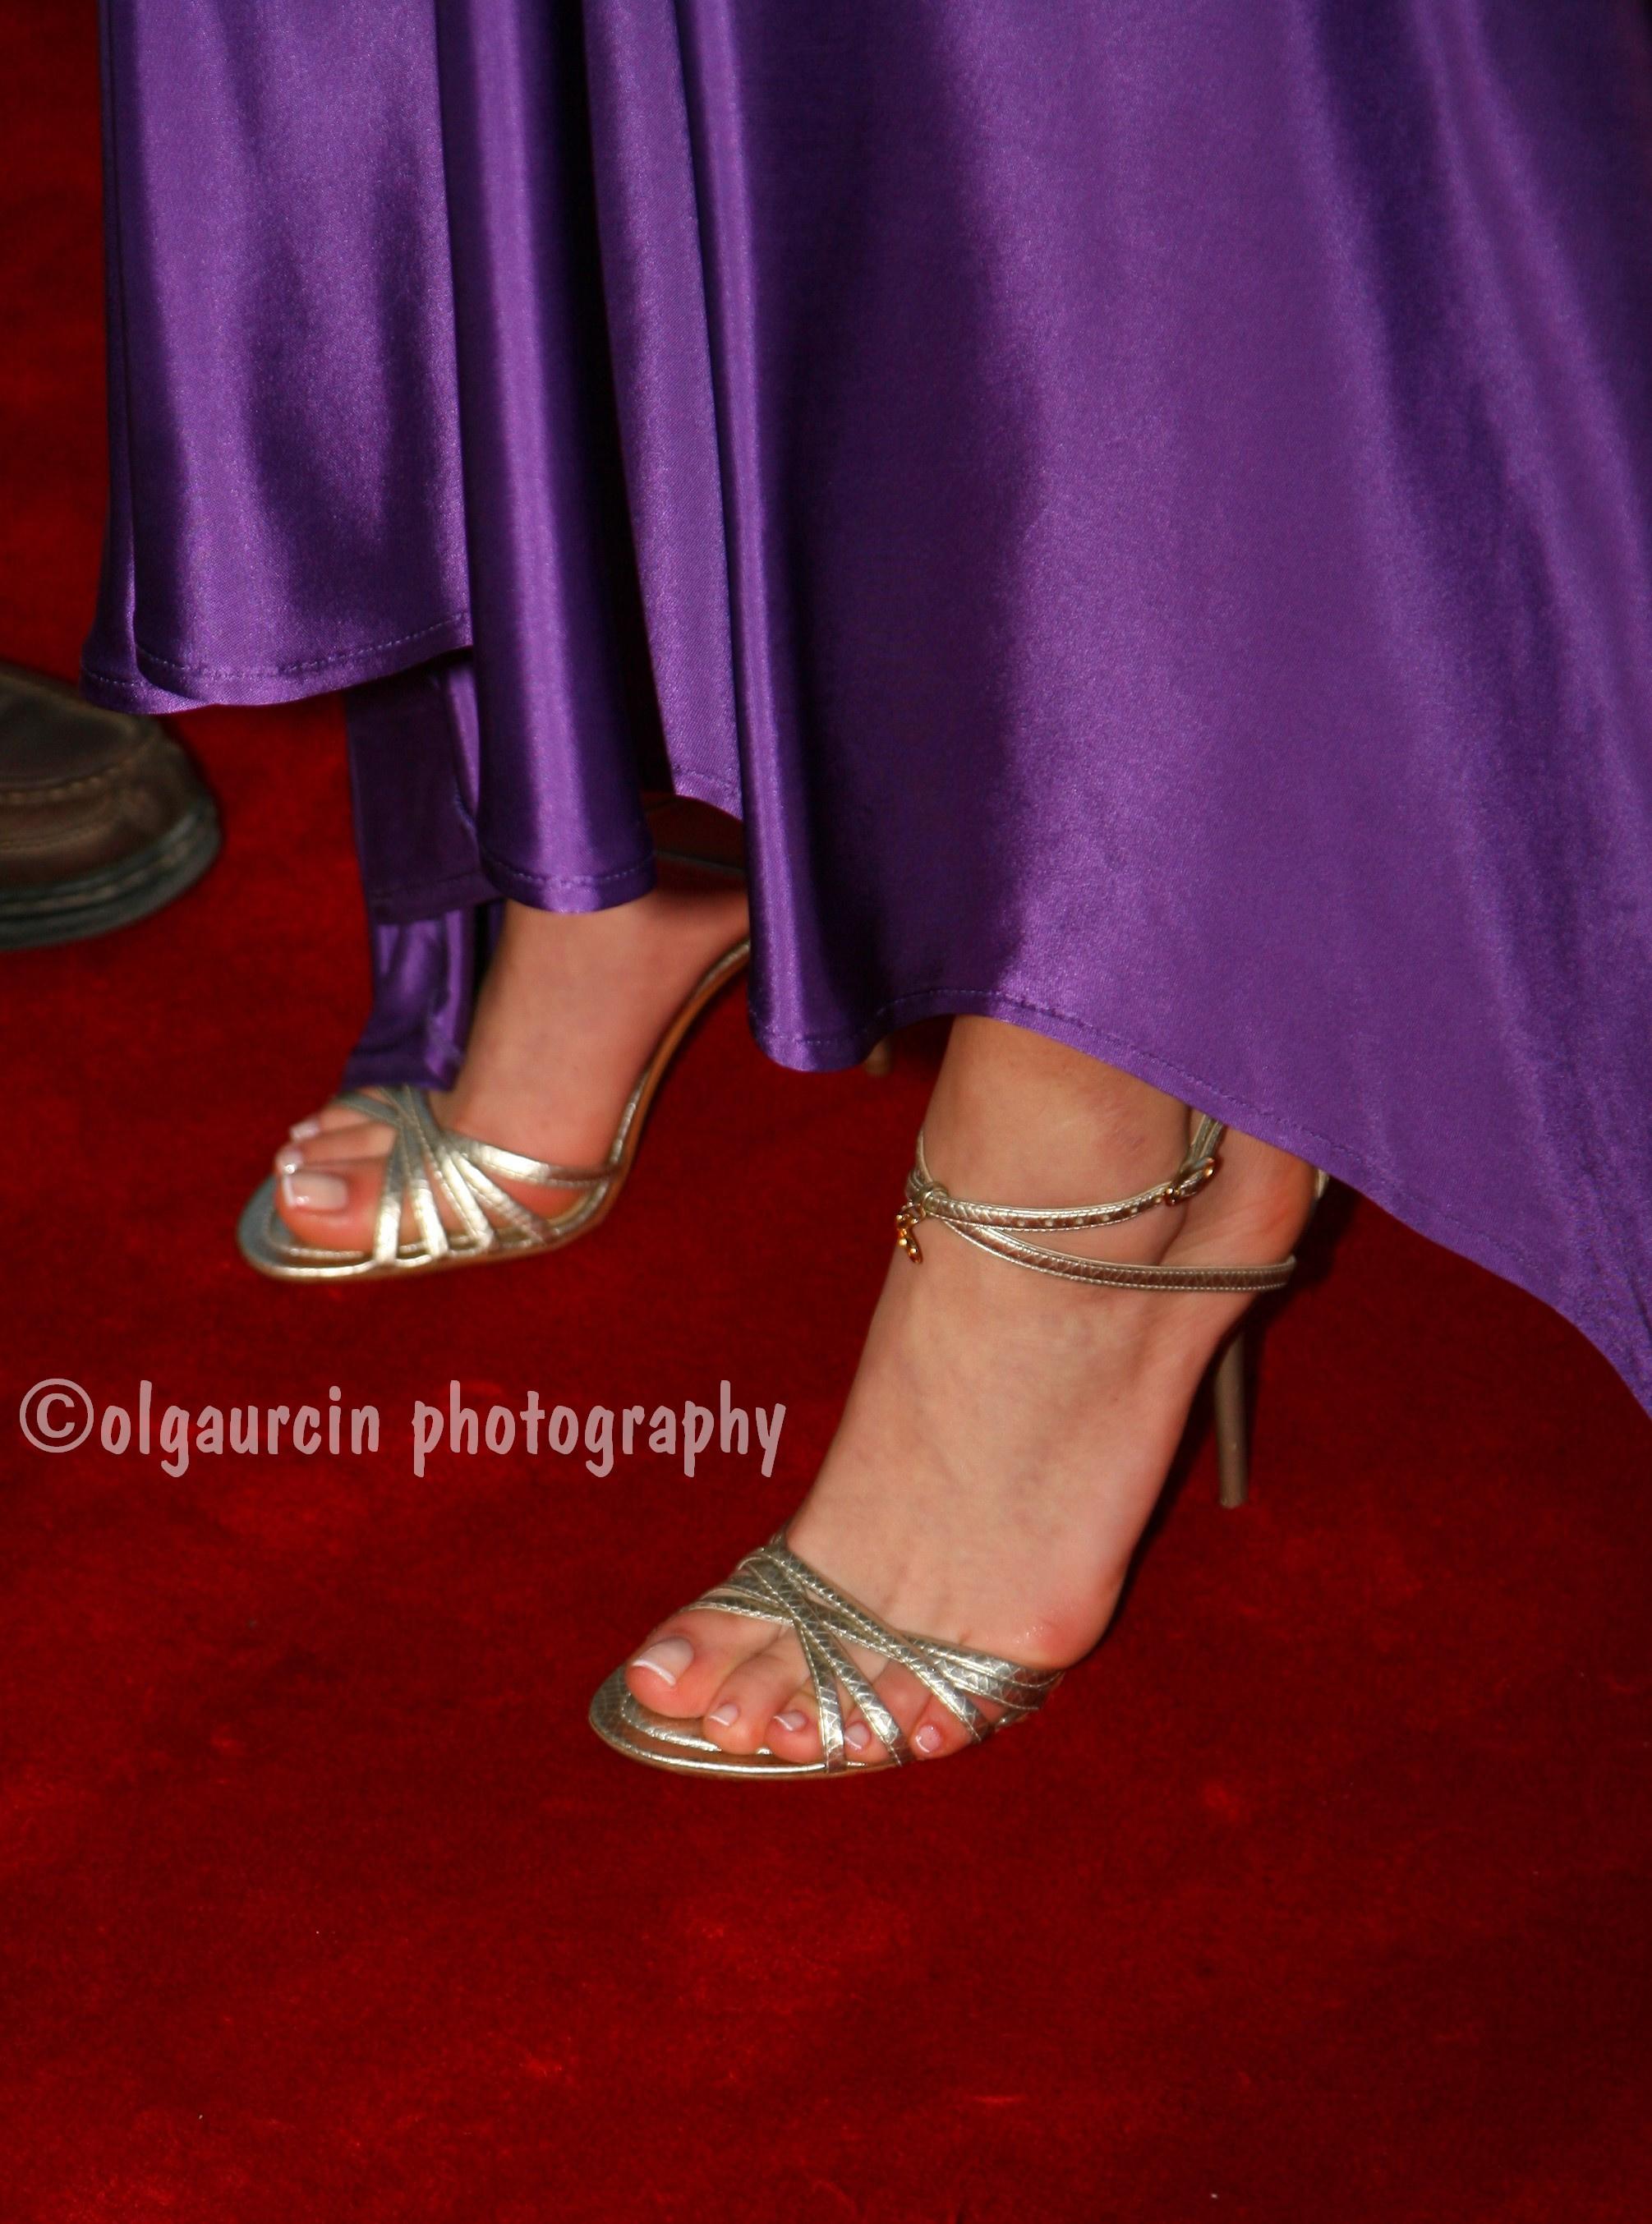 Sinem-Kobal-Feet-272839.jpg